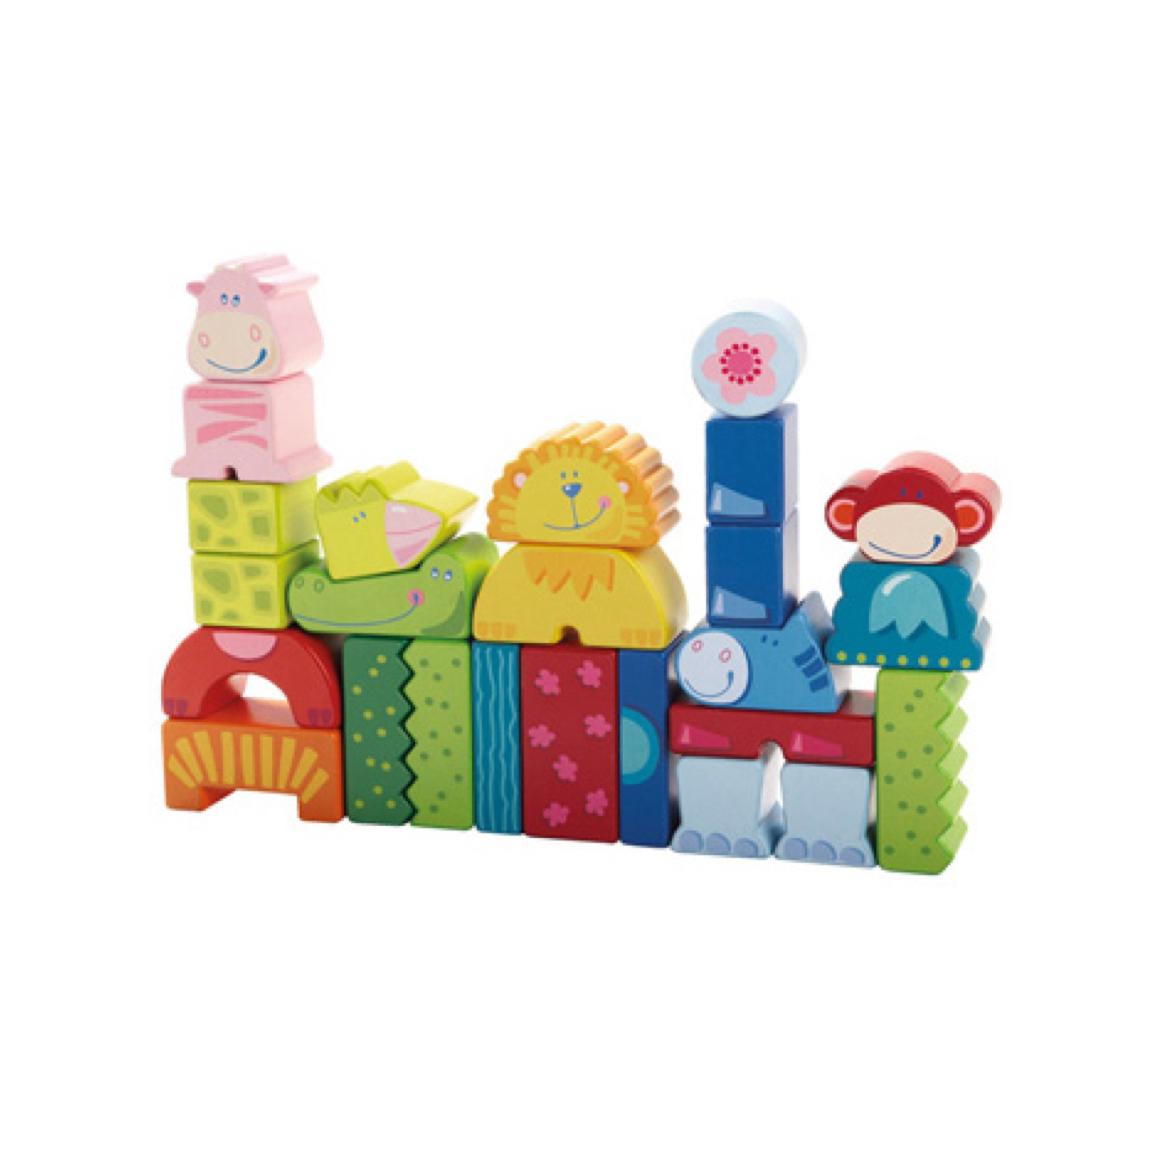 bloques-de-madera-zoo-multicolor-de-haba-en-el-mundo-de-mico-2